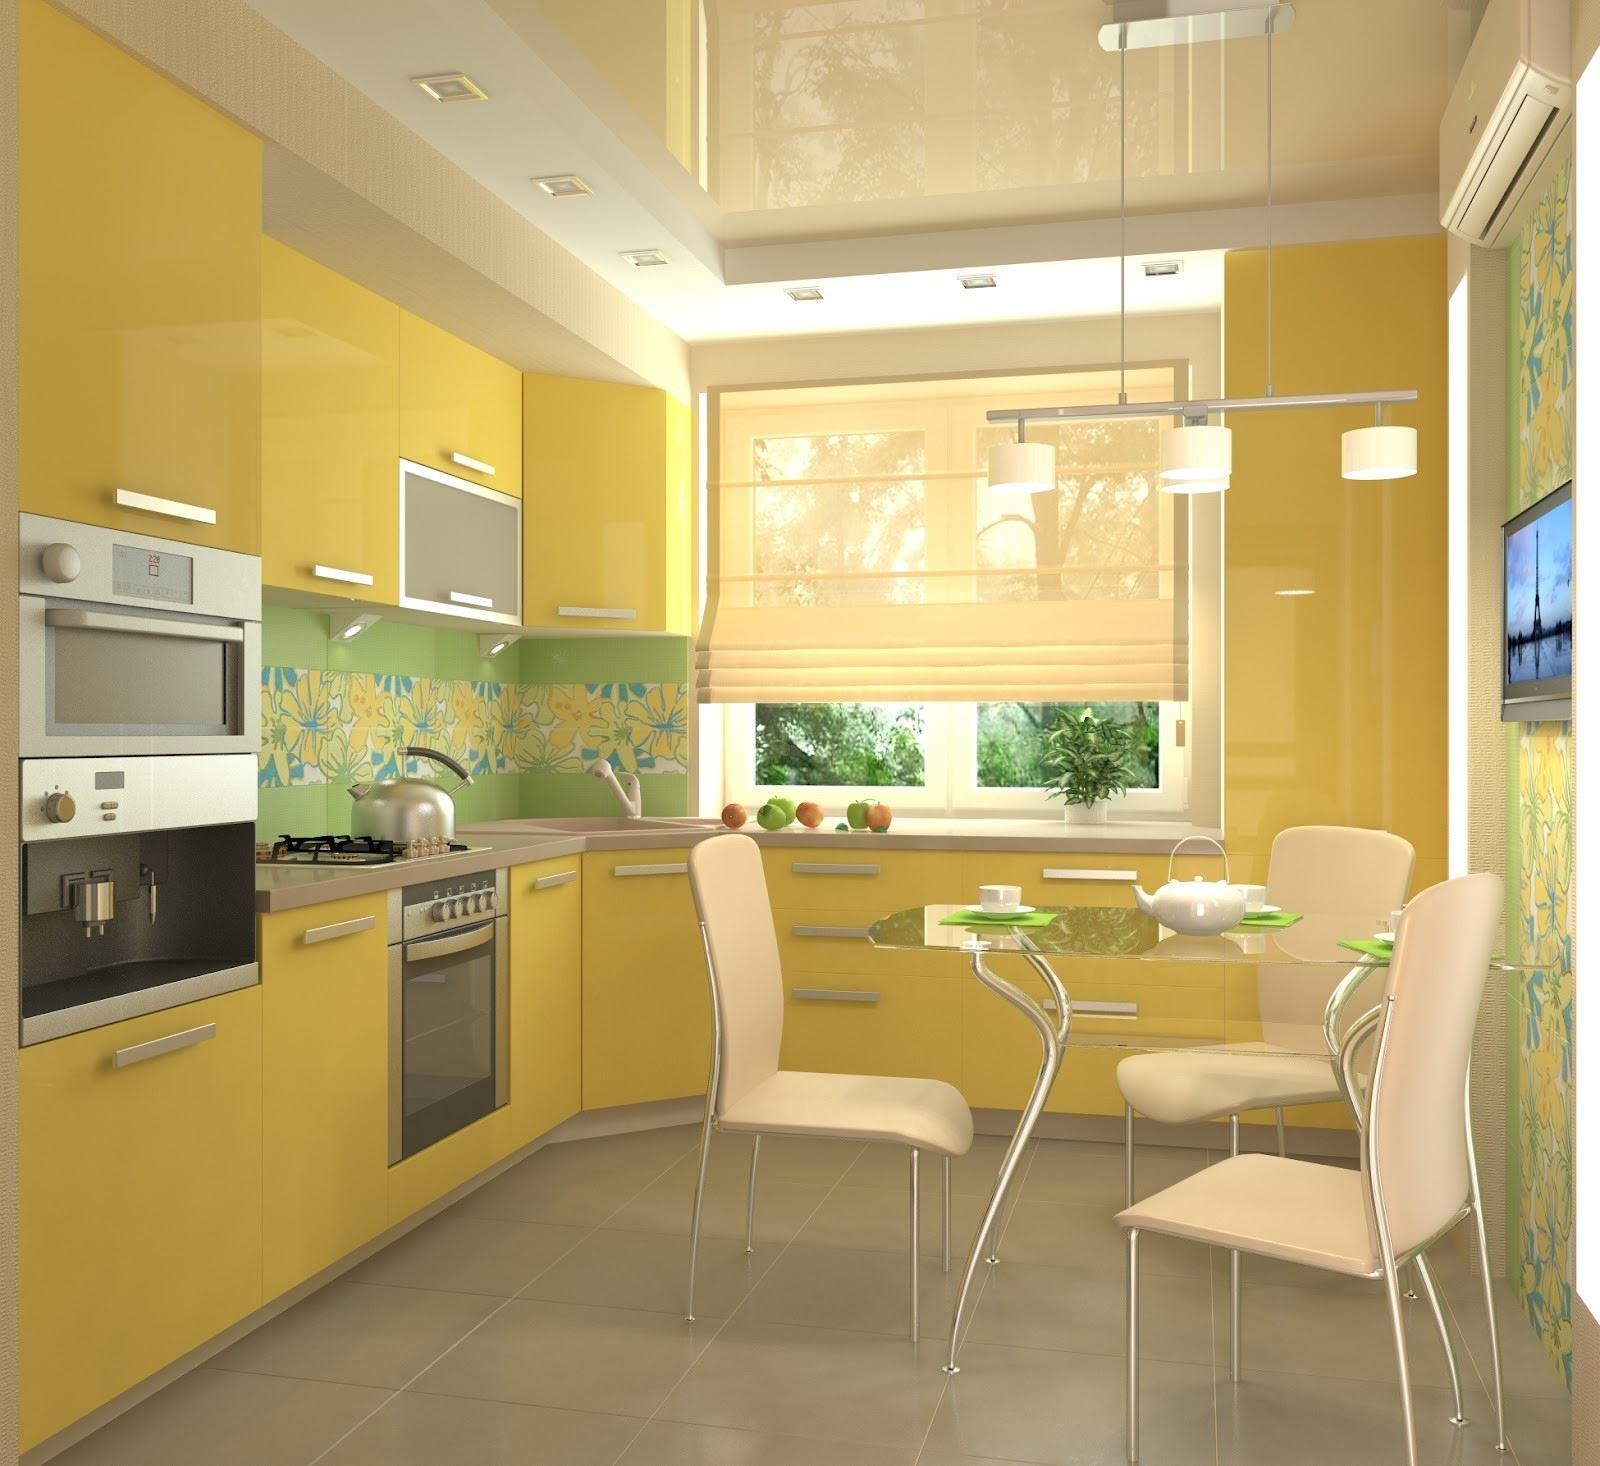 Фото кухонь в желтых цветах